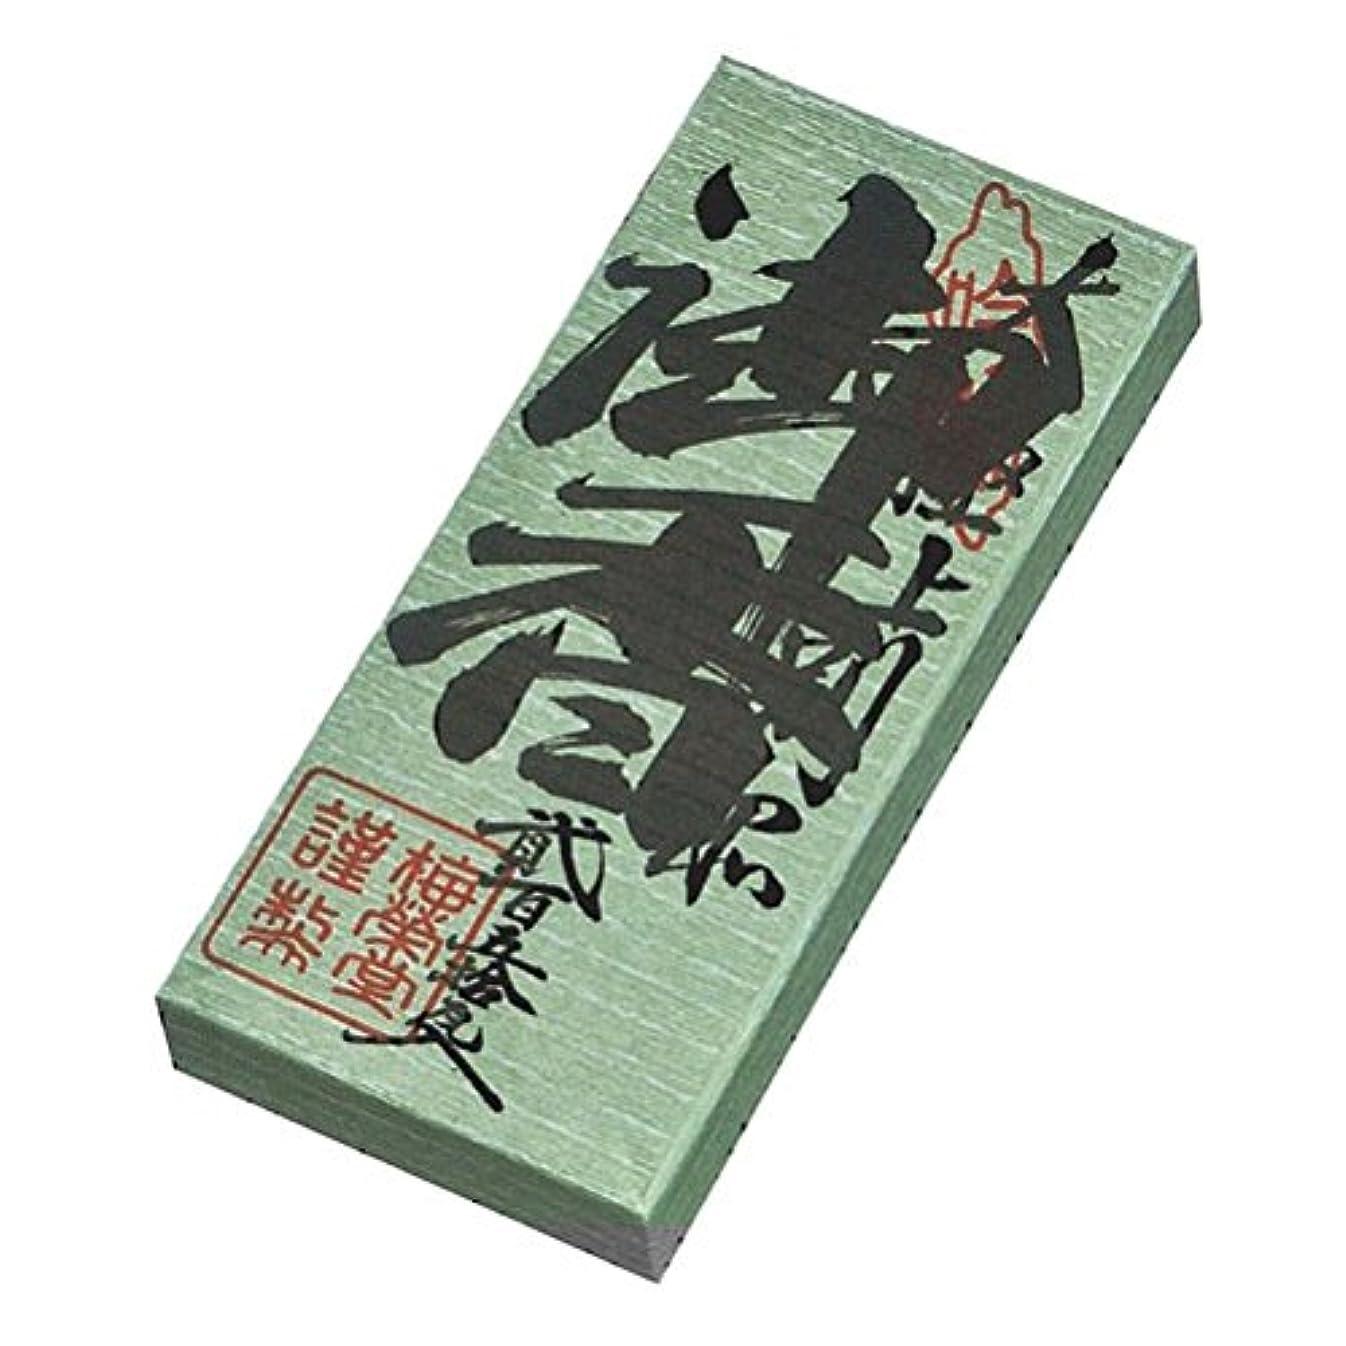 タイマー手数料ユーモア超徳印 250g 紙箱入り お焼香 梅栄堂